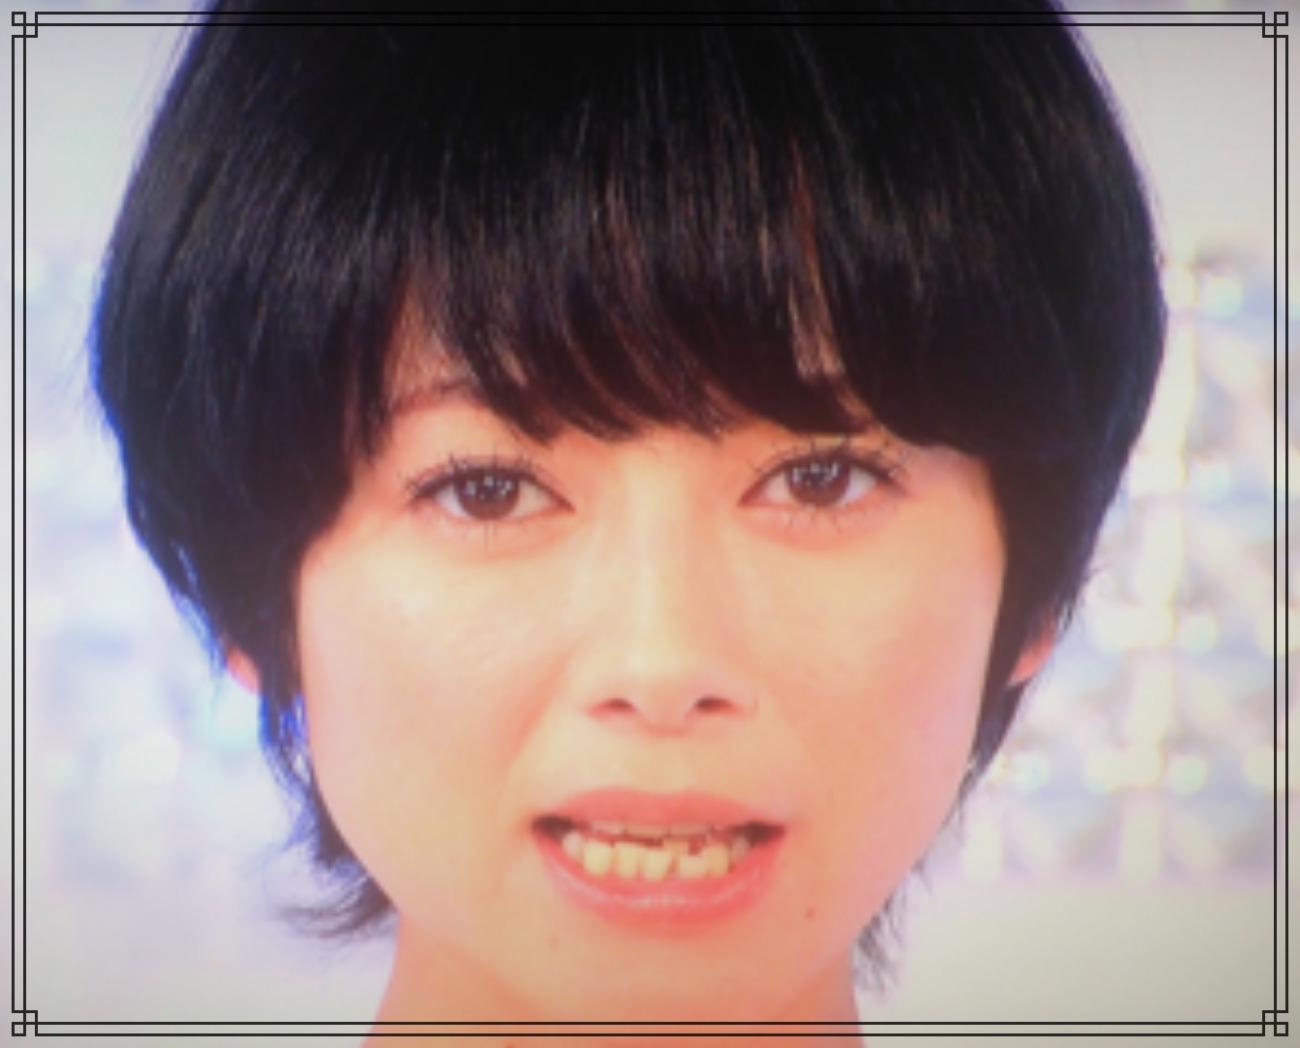 真木よう子さんの画像